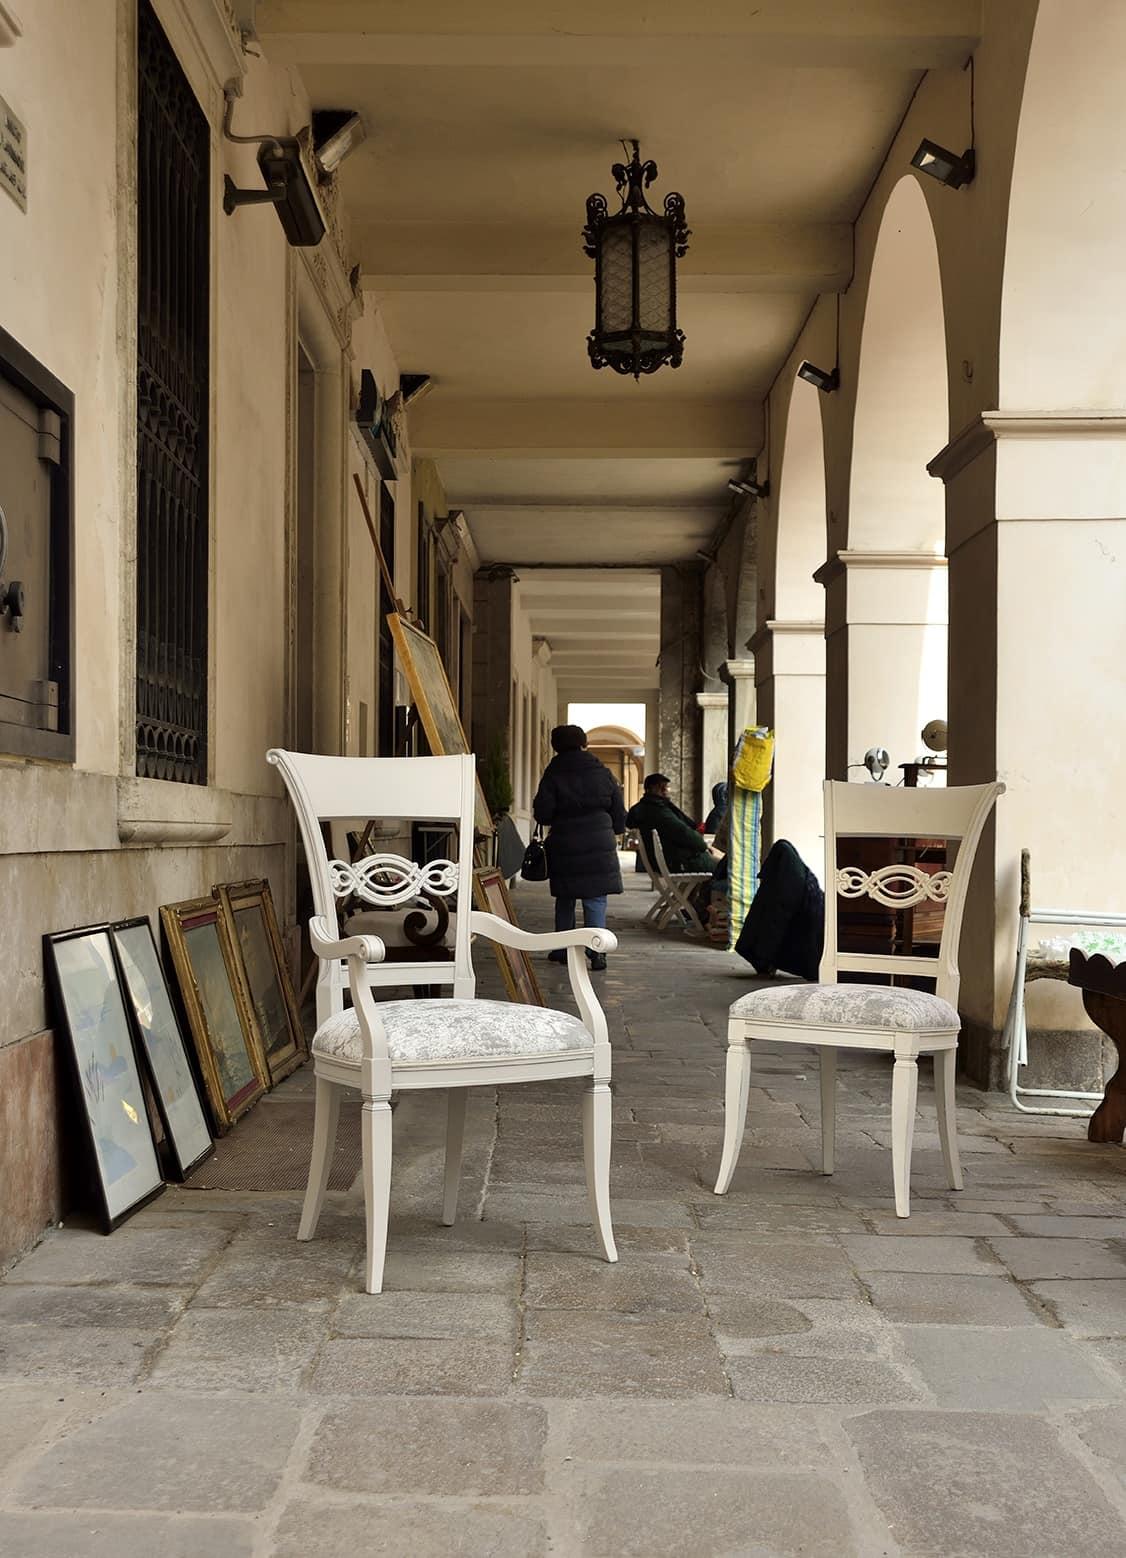 CHIMERA sedia 8524S, Sedia in stile classico con schienale in legno intagliato